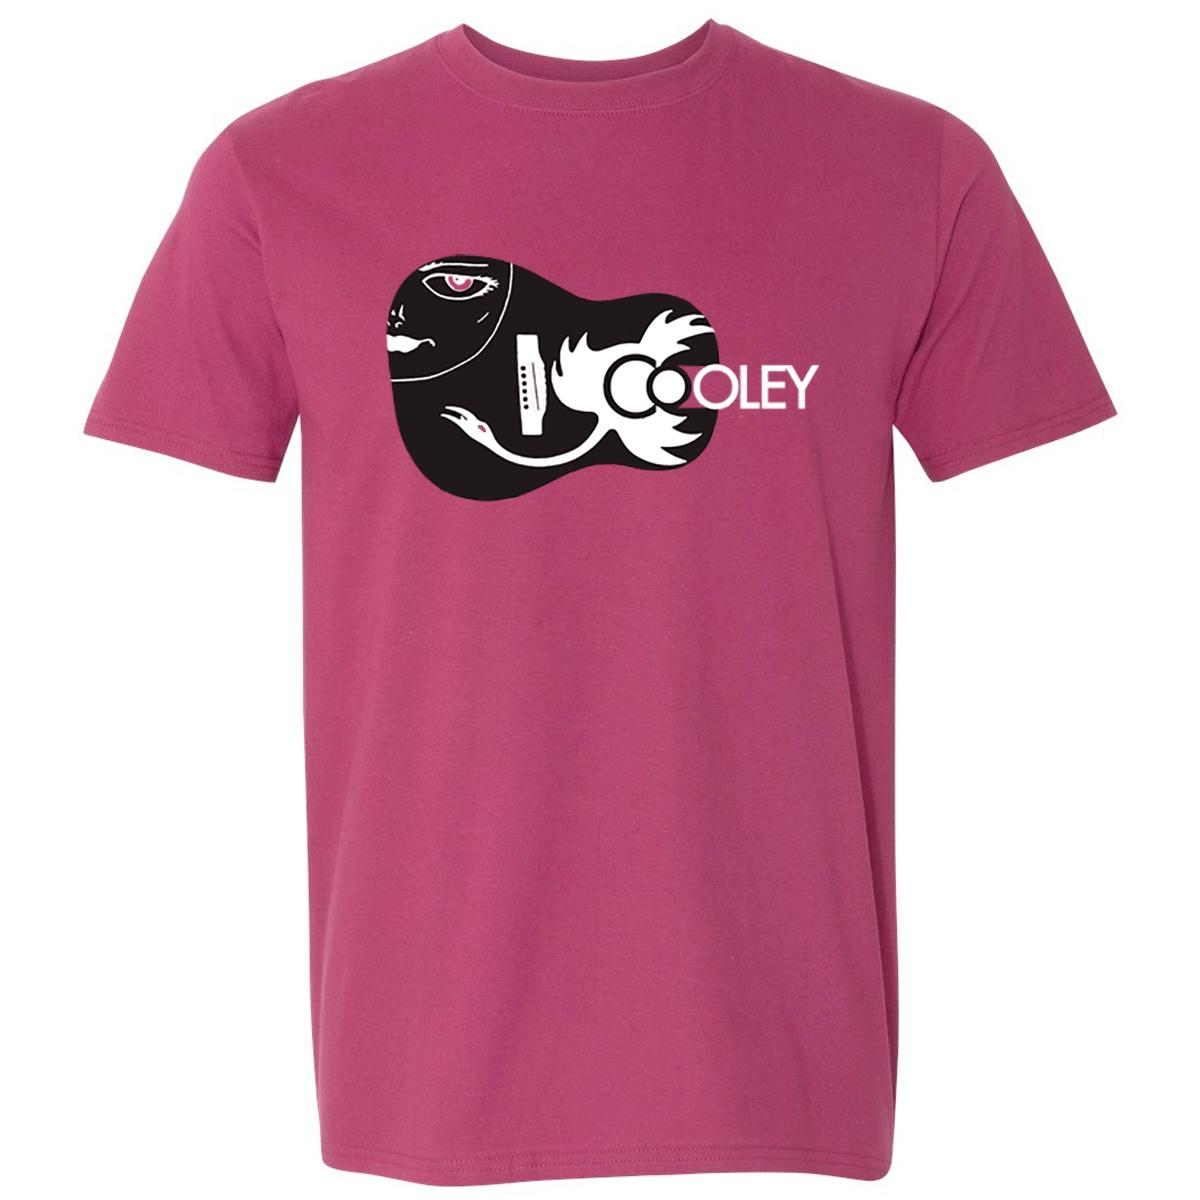 Cooley Guitar T-Shirt